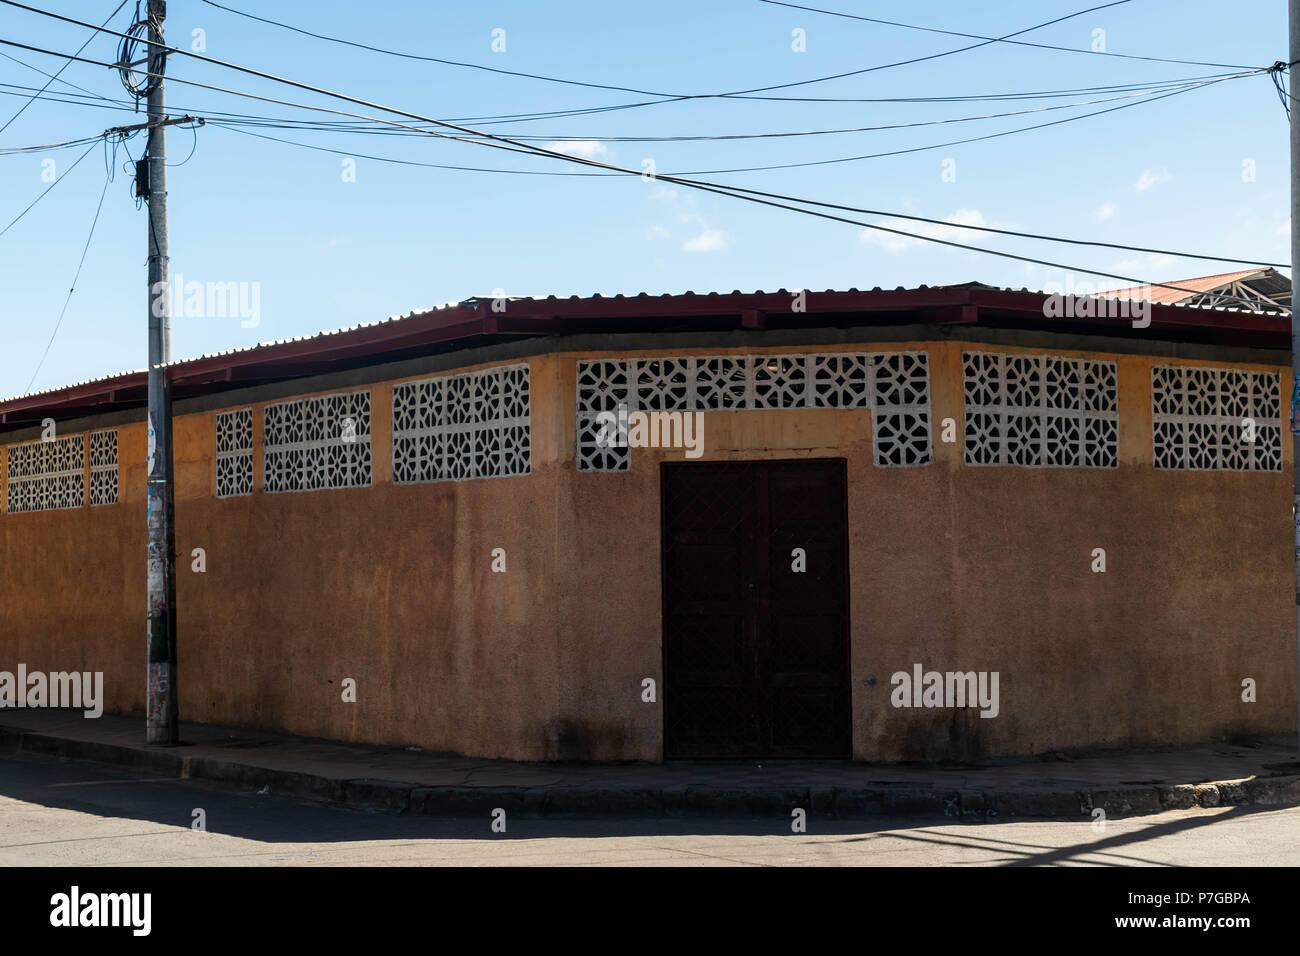 Granada, Nicaragua. February 8, 2018. An older, decrepit building in Granada, Nicaragua - Stock Image